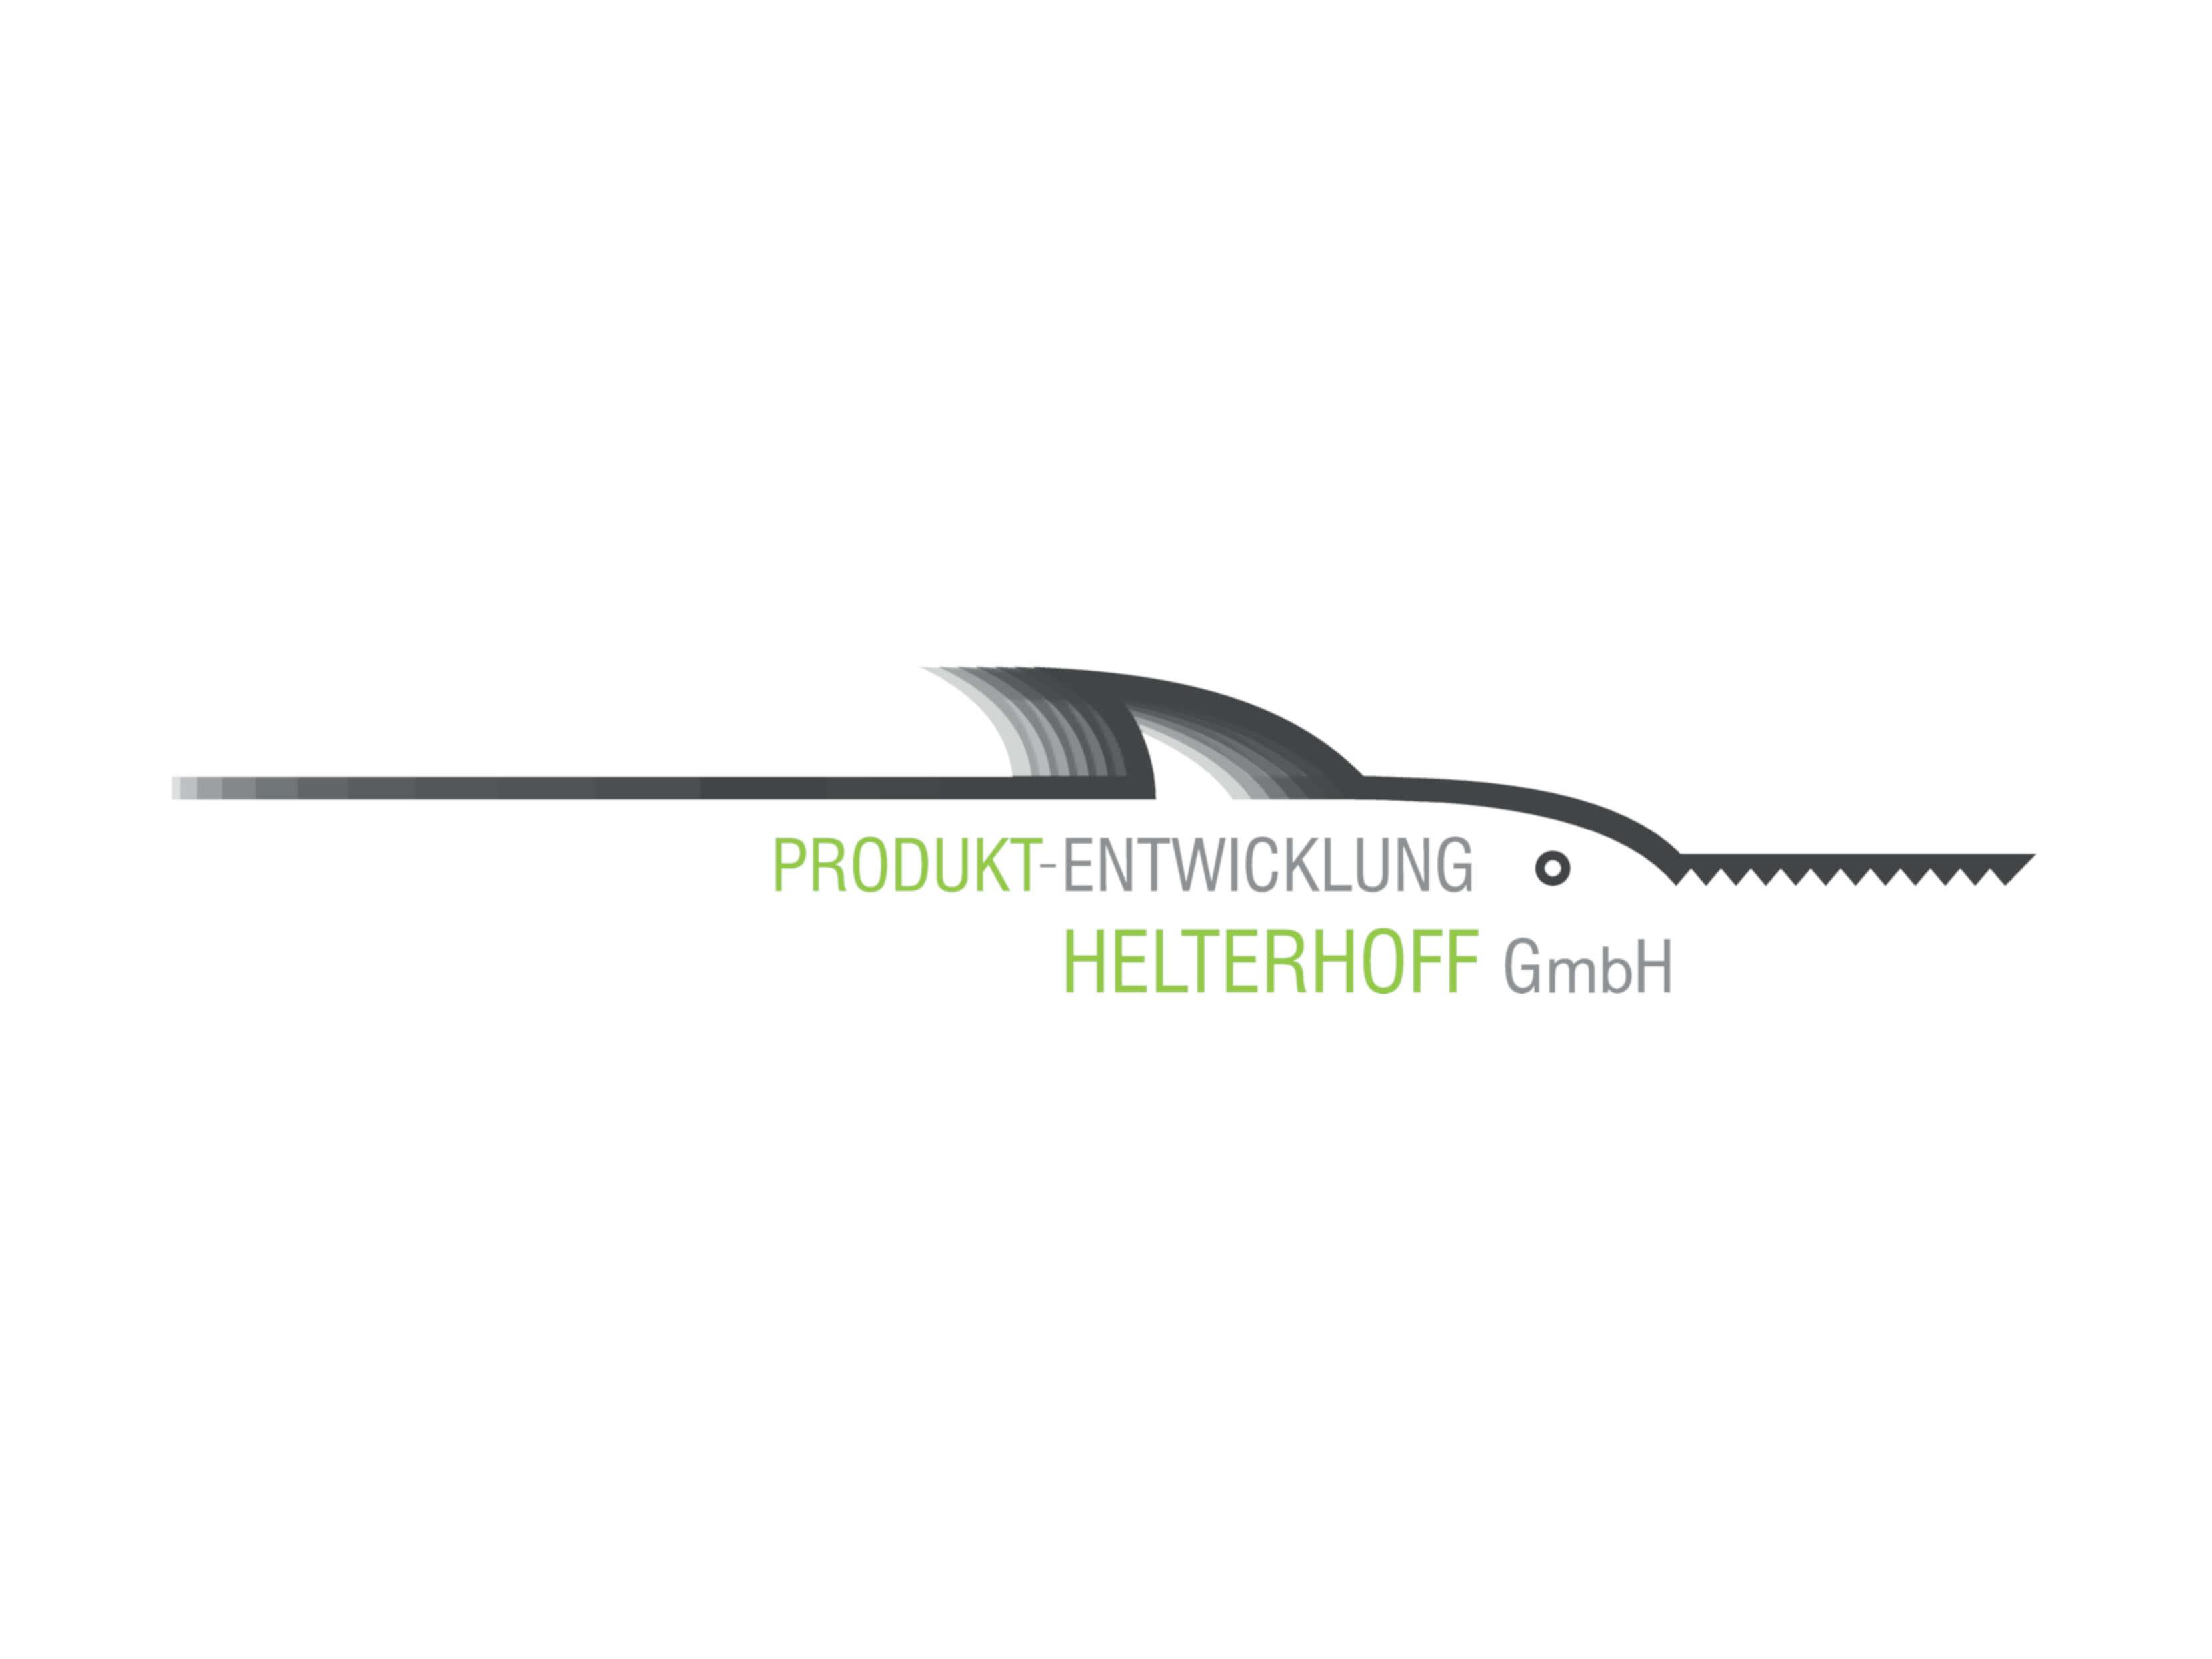 Produktentwicklung Helterhoff GmbH